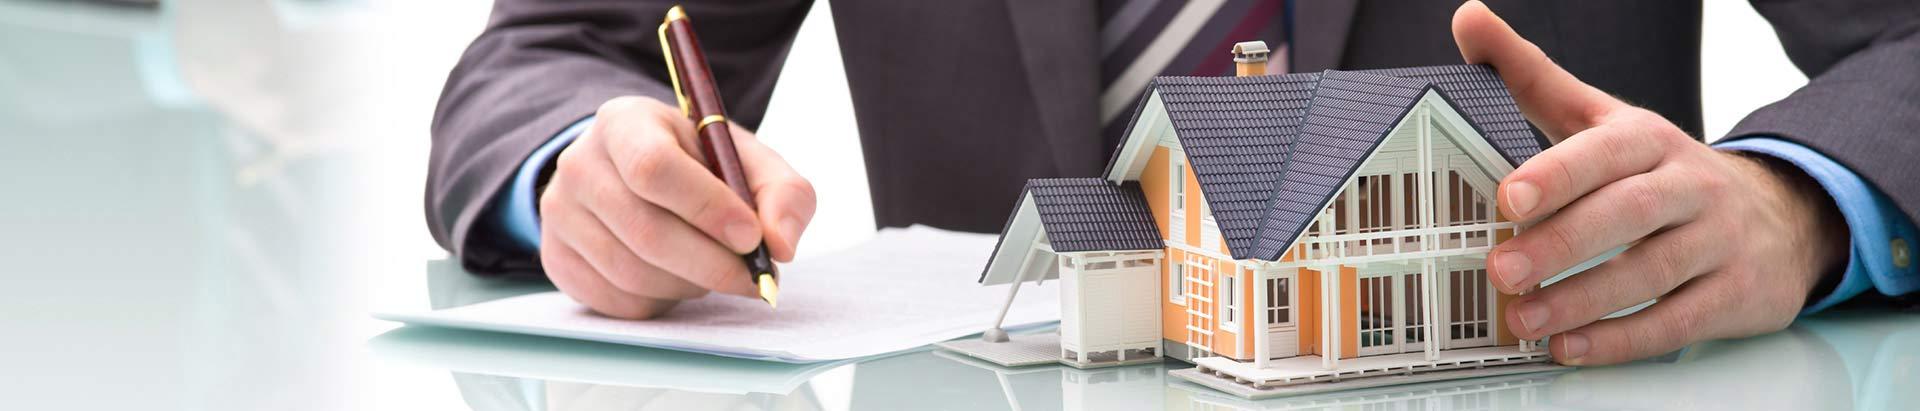 Какие документы нужны для оформления наследства на дом и землю